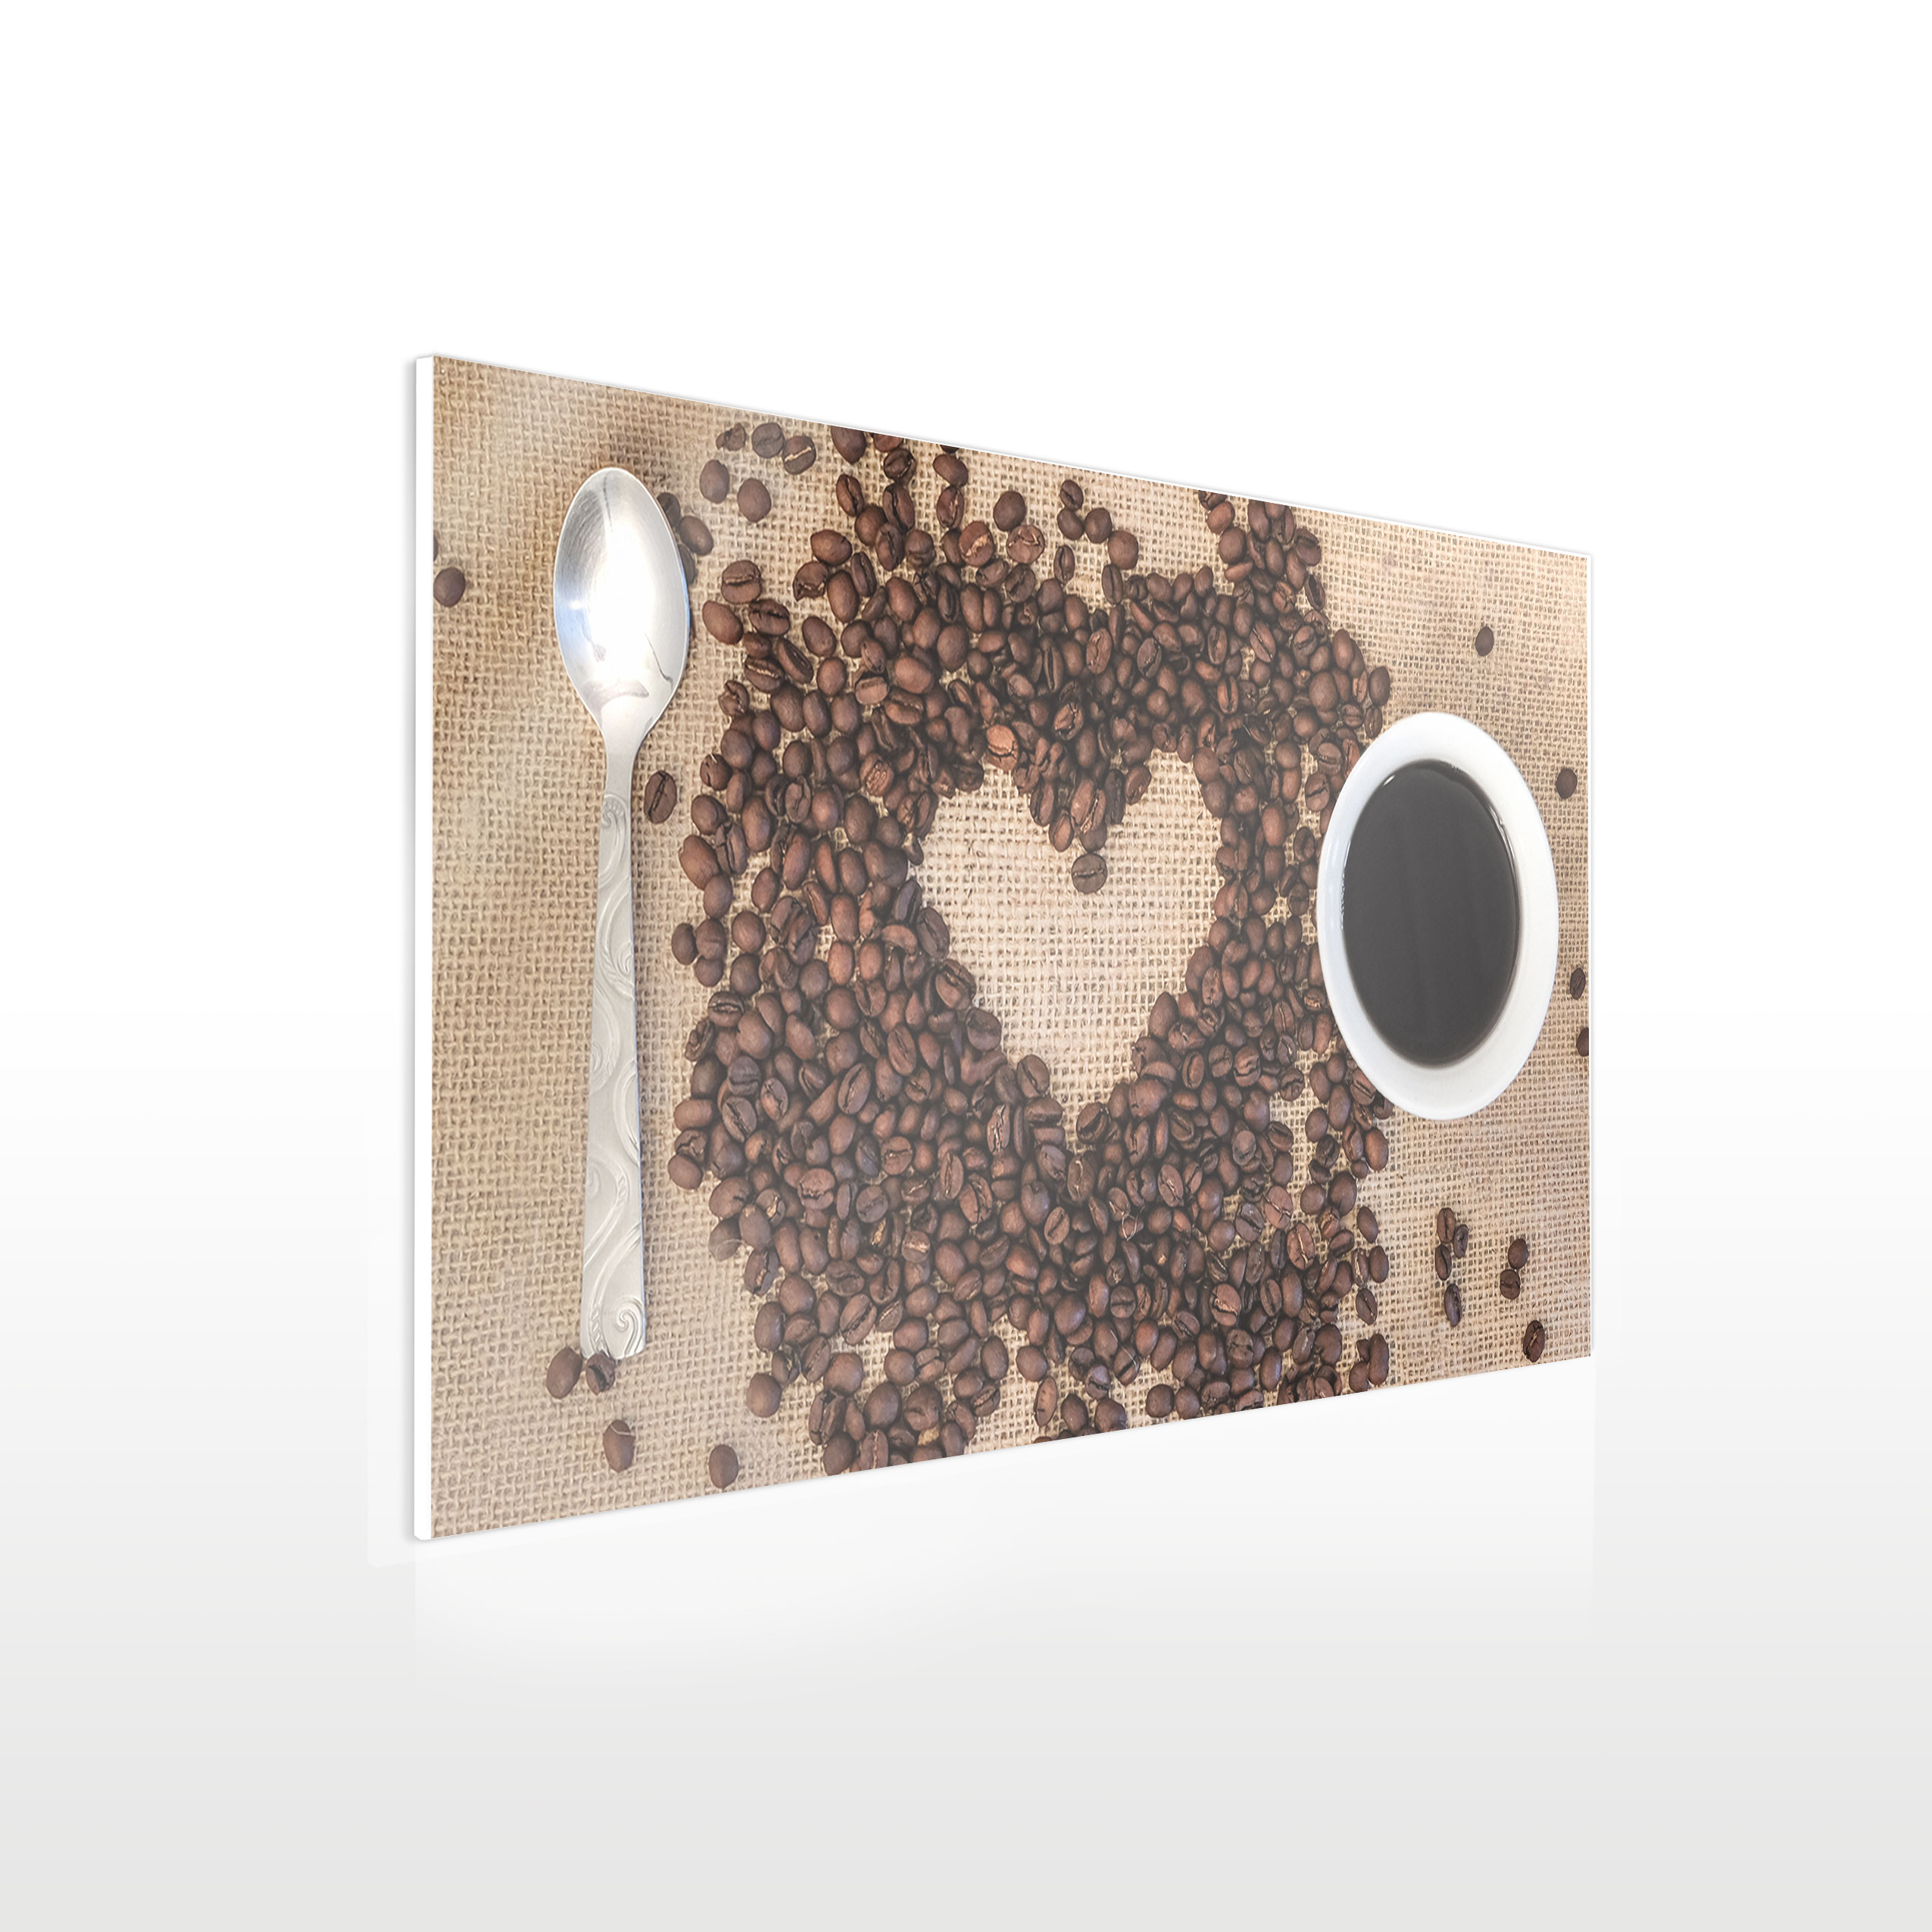 Werbeschilder24.de - Küchenbild auf Acrylglas - Beispiel Kaffee